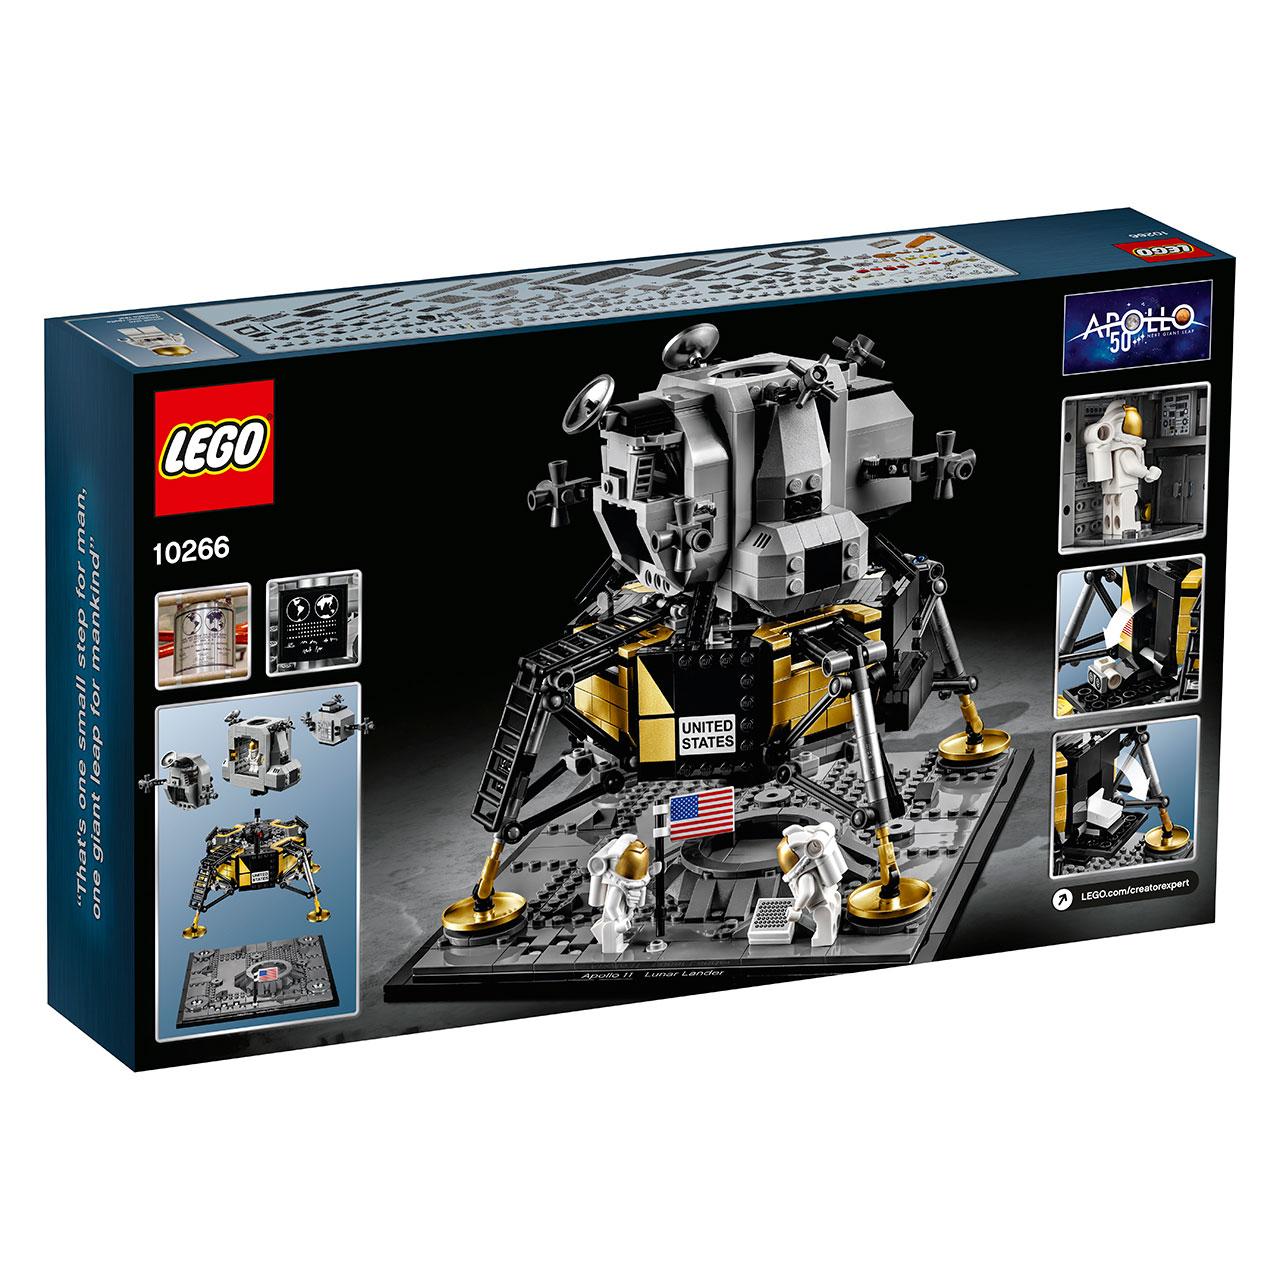 LEGO Apollo 11 Lunar Lander joins 7 new sets depicting